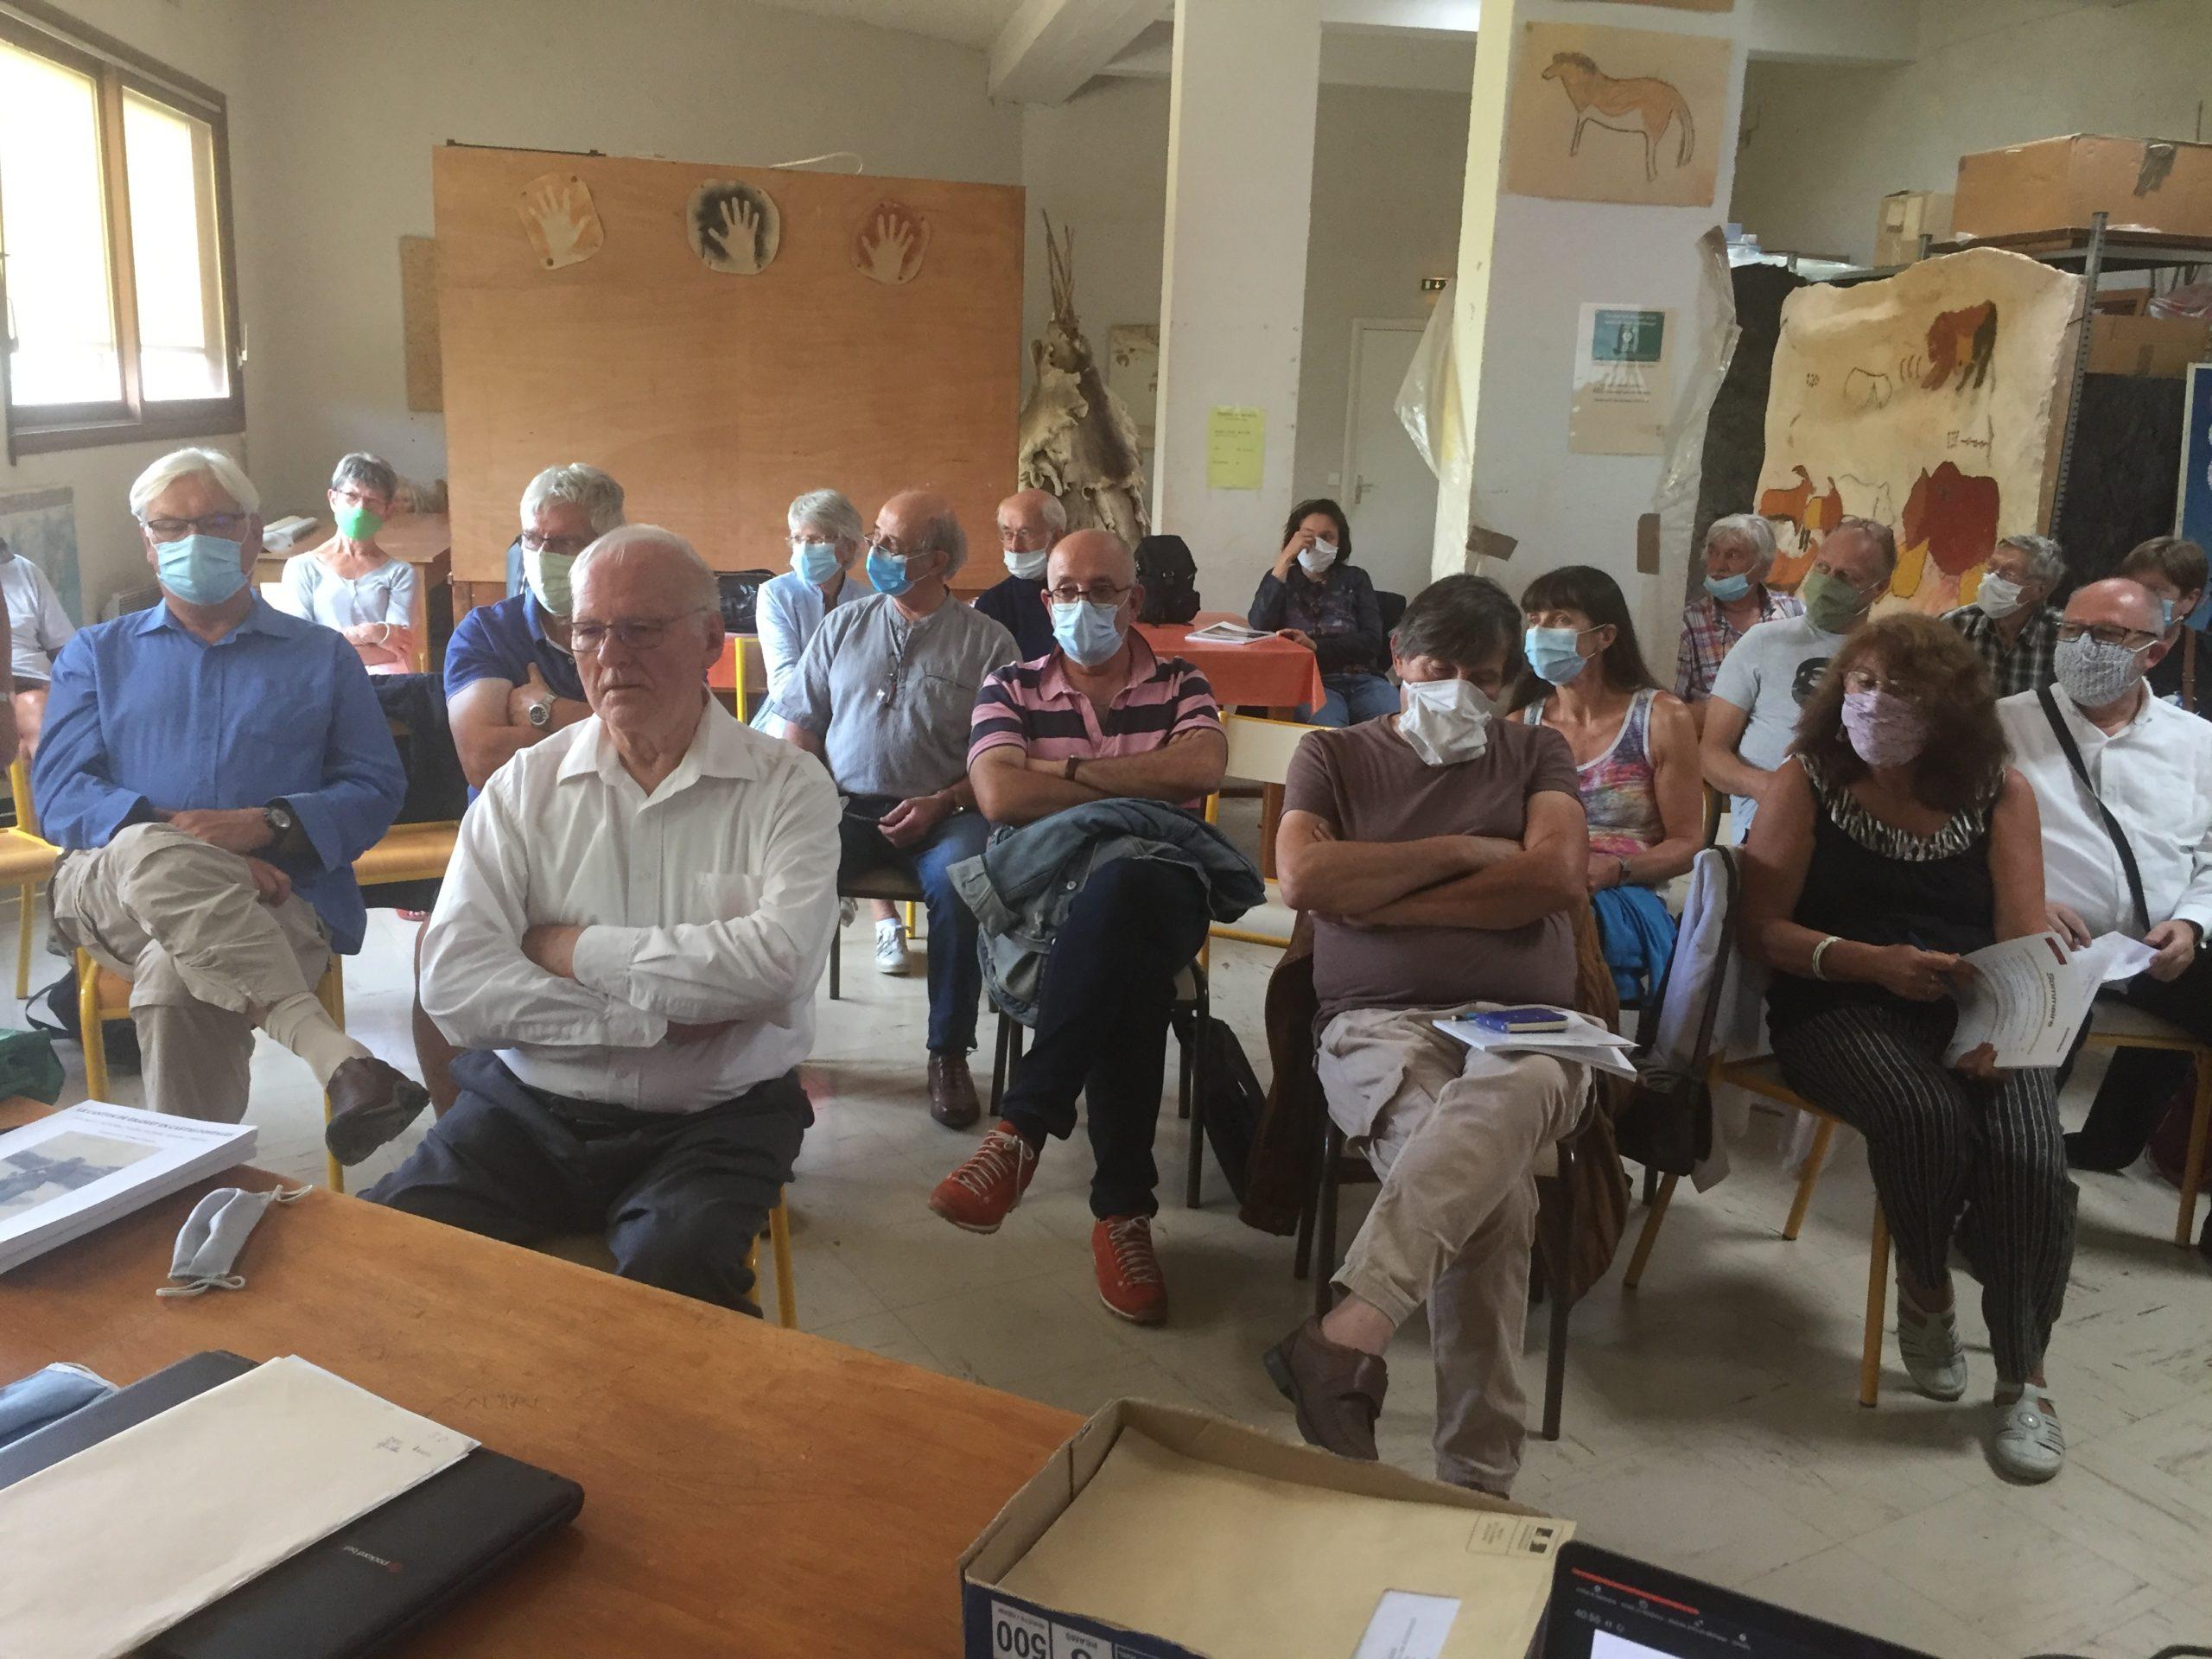 Read more about the article L'assemblée générale de l'association s'est tenue samedi 19 septembre au Centre de Préhistoire du Pech Merle, à Cabrerets, Lot.